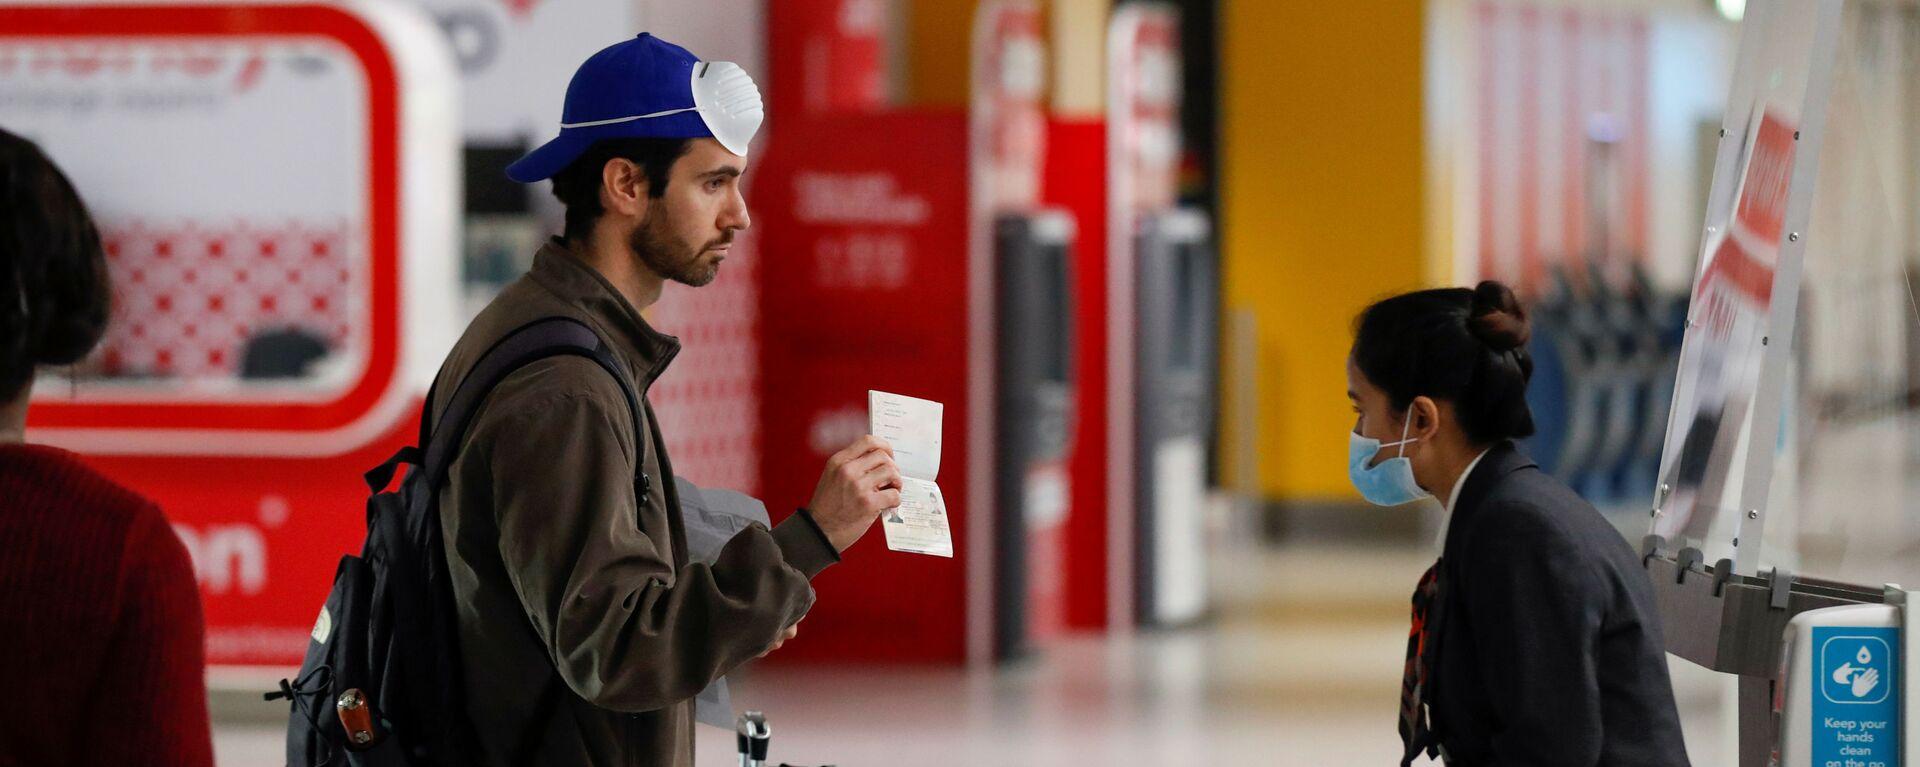 Пассажир предъявляет свой паспорт сотруднику в аэропорту Гатвик, Великобритания - Sputnik Таджикистан, 1920, 31.03.2021